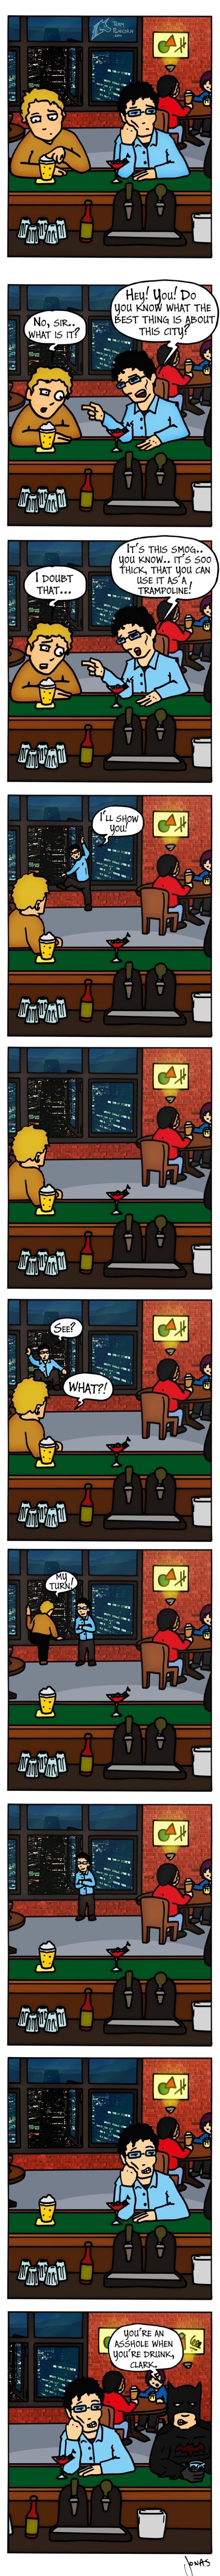 funny-image-2014-damn-you-superman